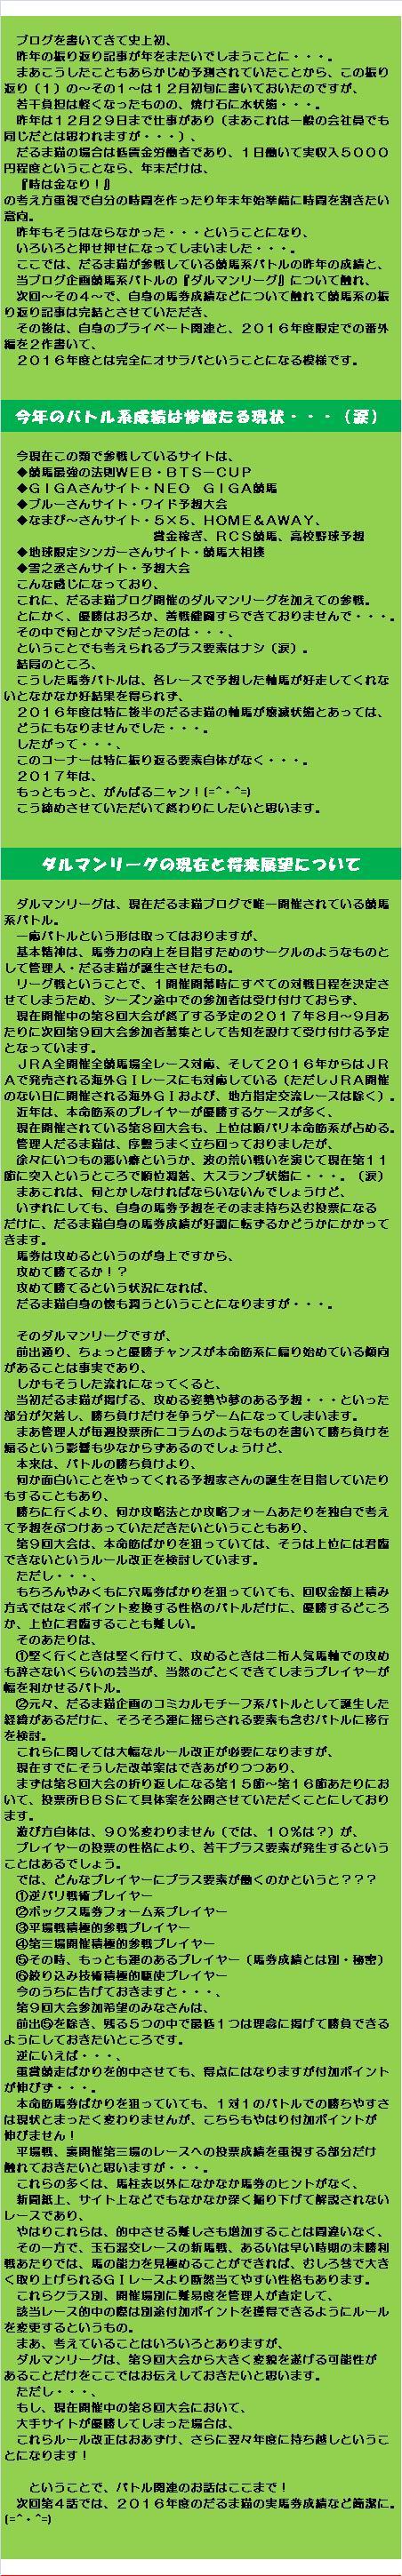 20170104・2016年振り返り(1)~その3~②.jpg